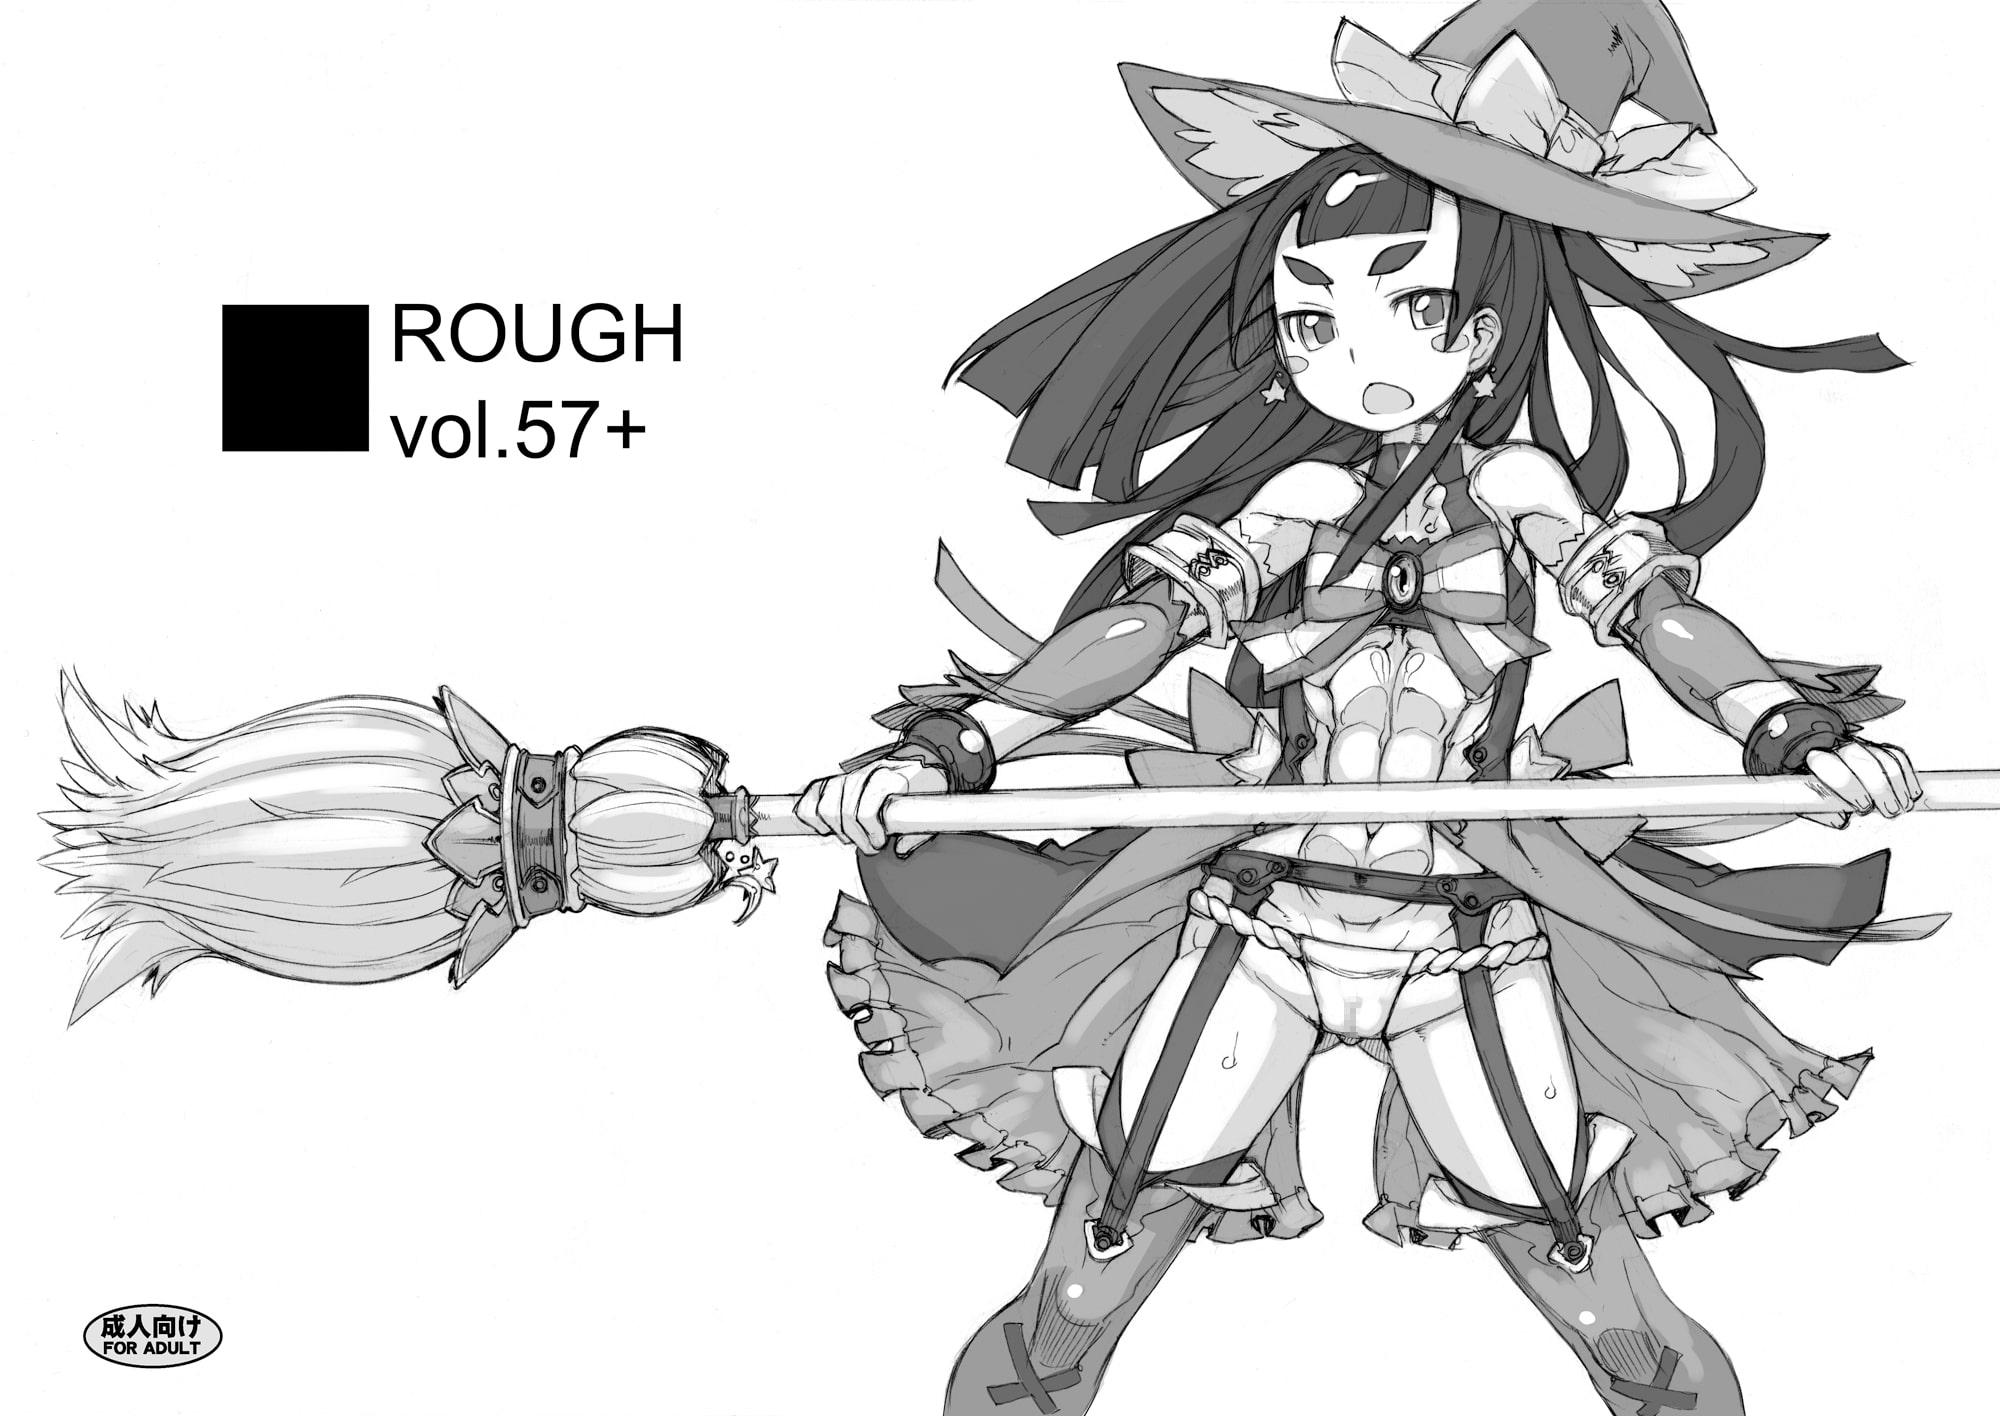 ROUGH vol.57+